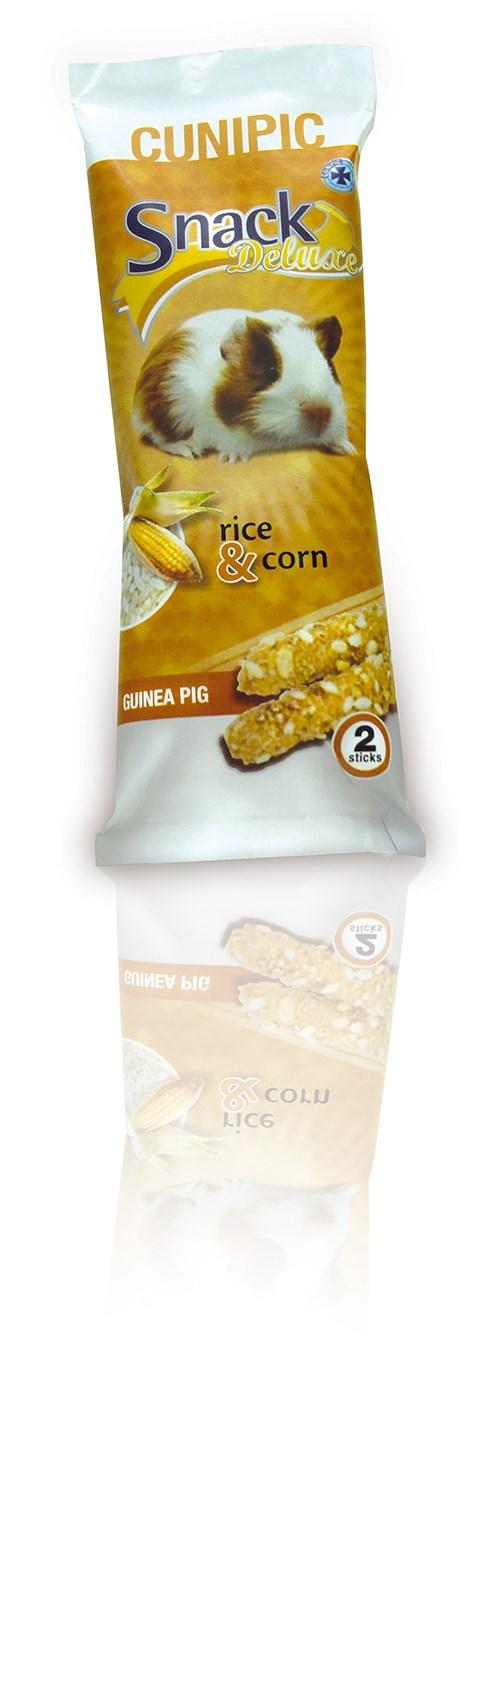 Productos 6